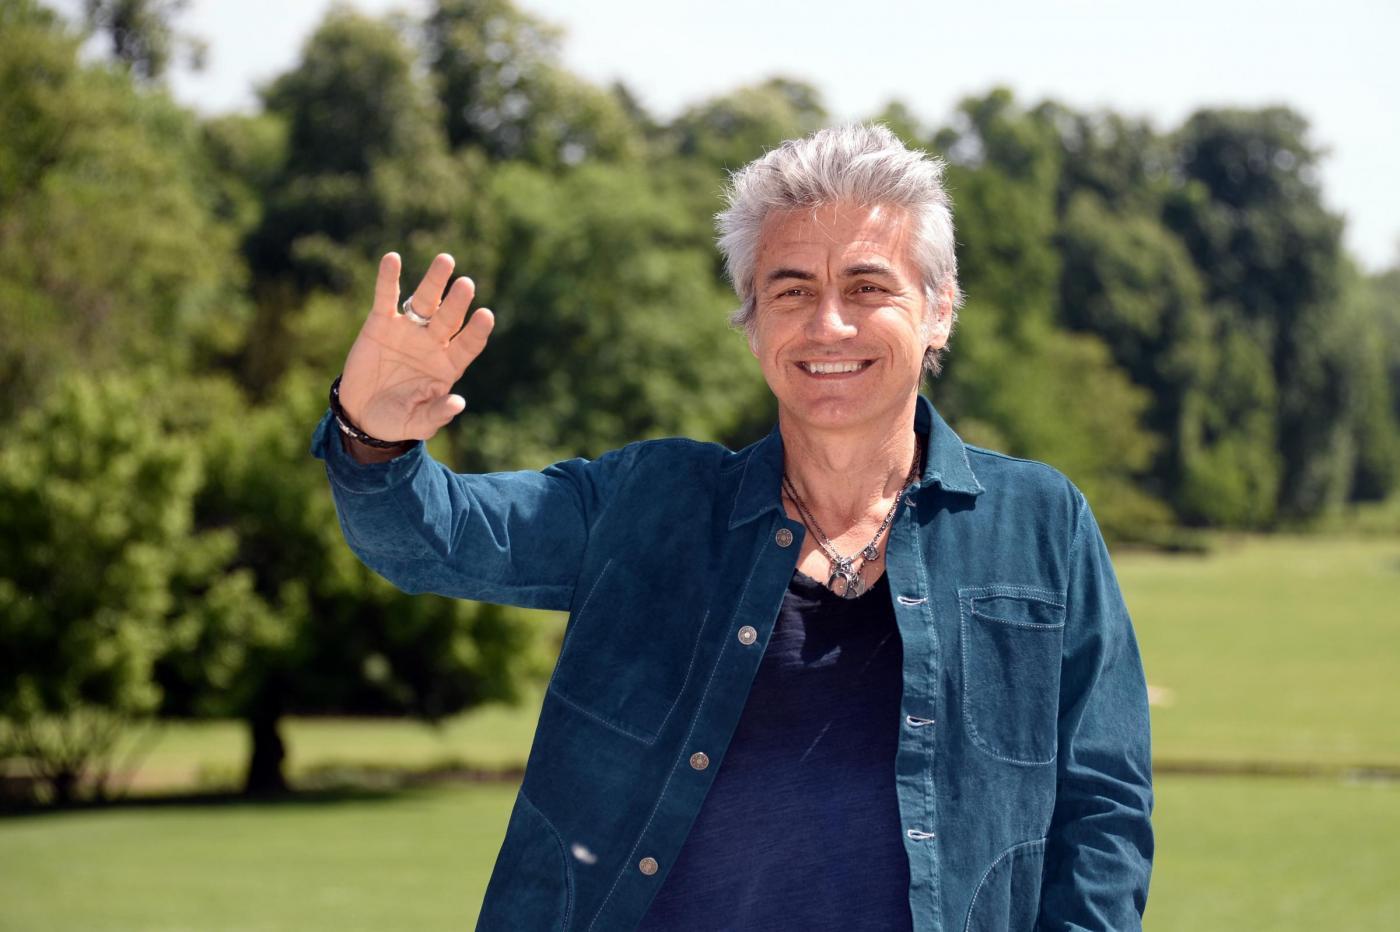 Ligabue a Monza: scaletta dei concerti per 140 mila fan